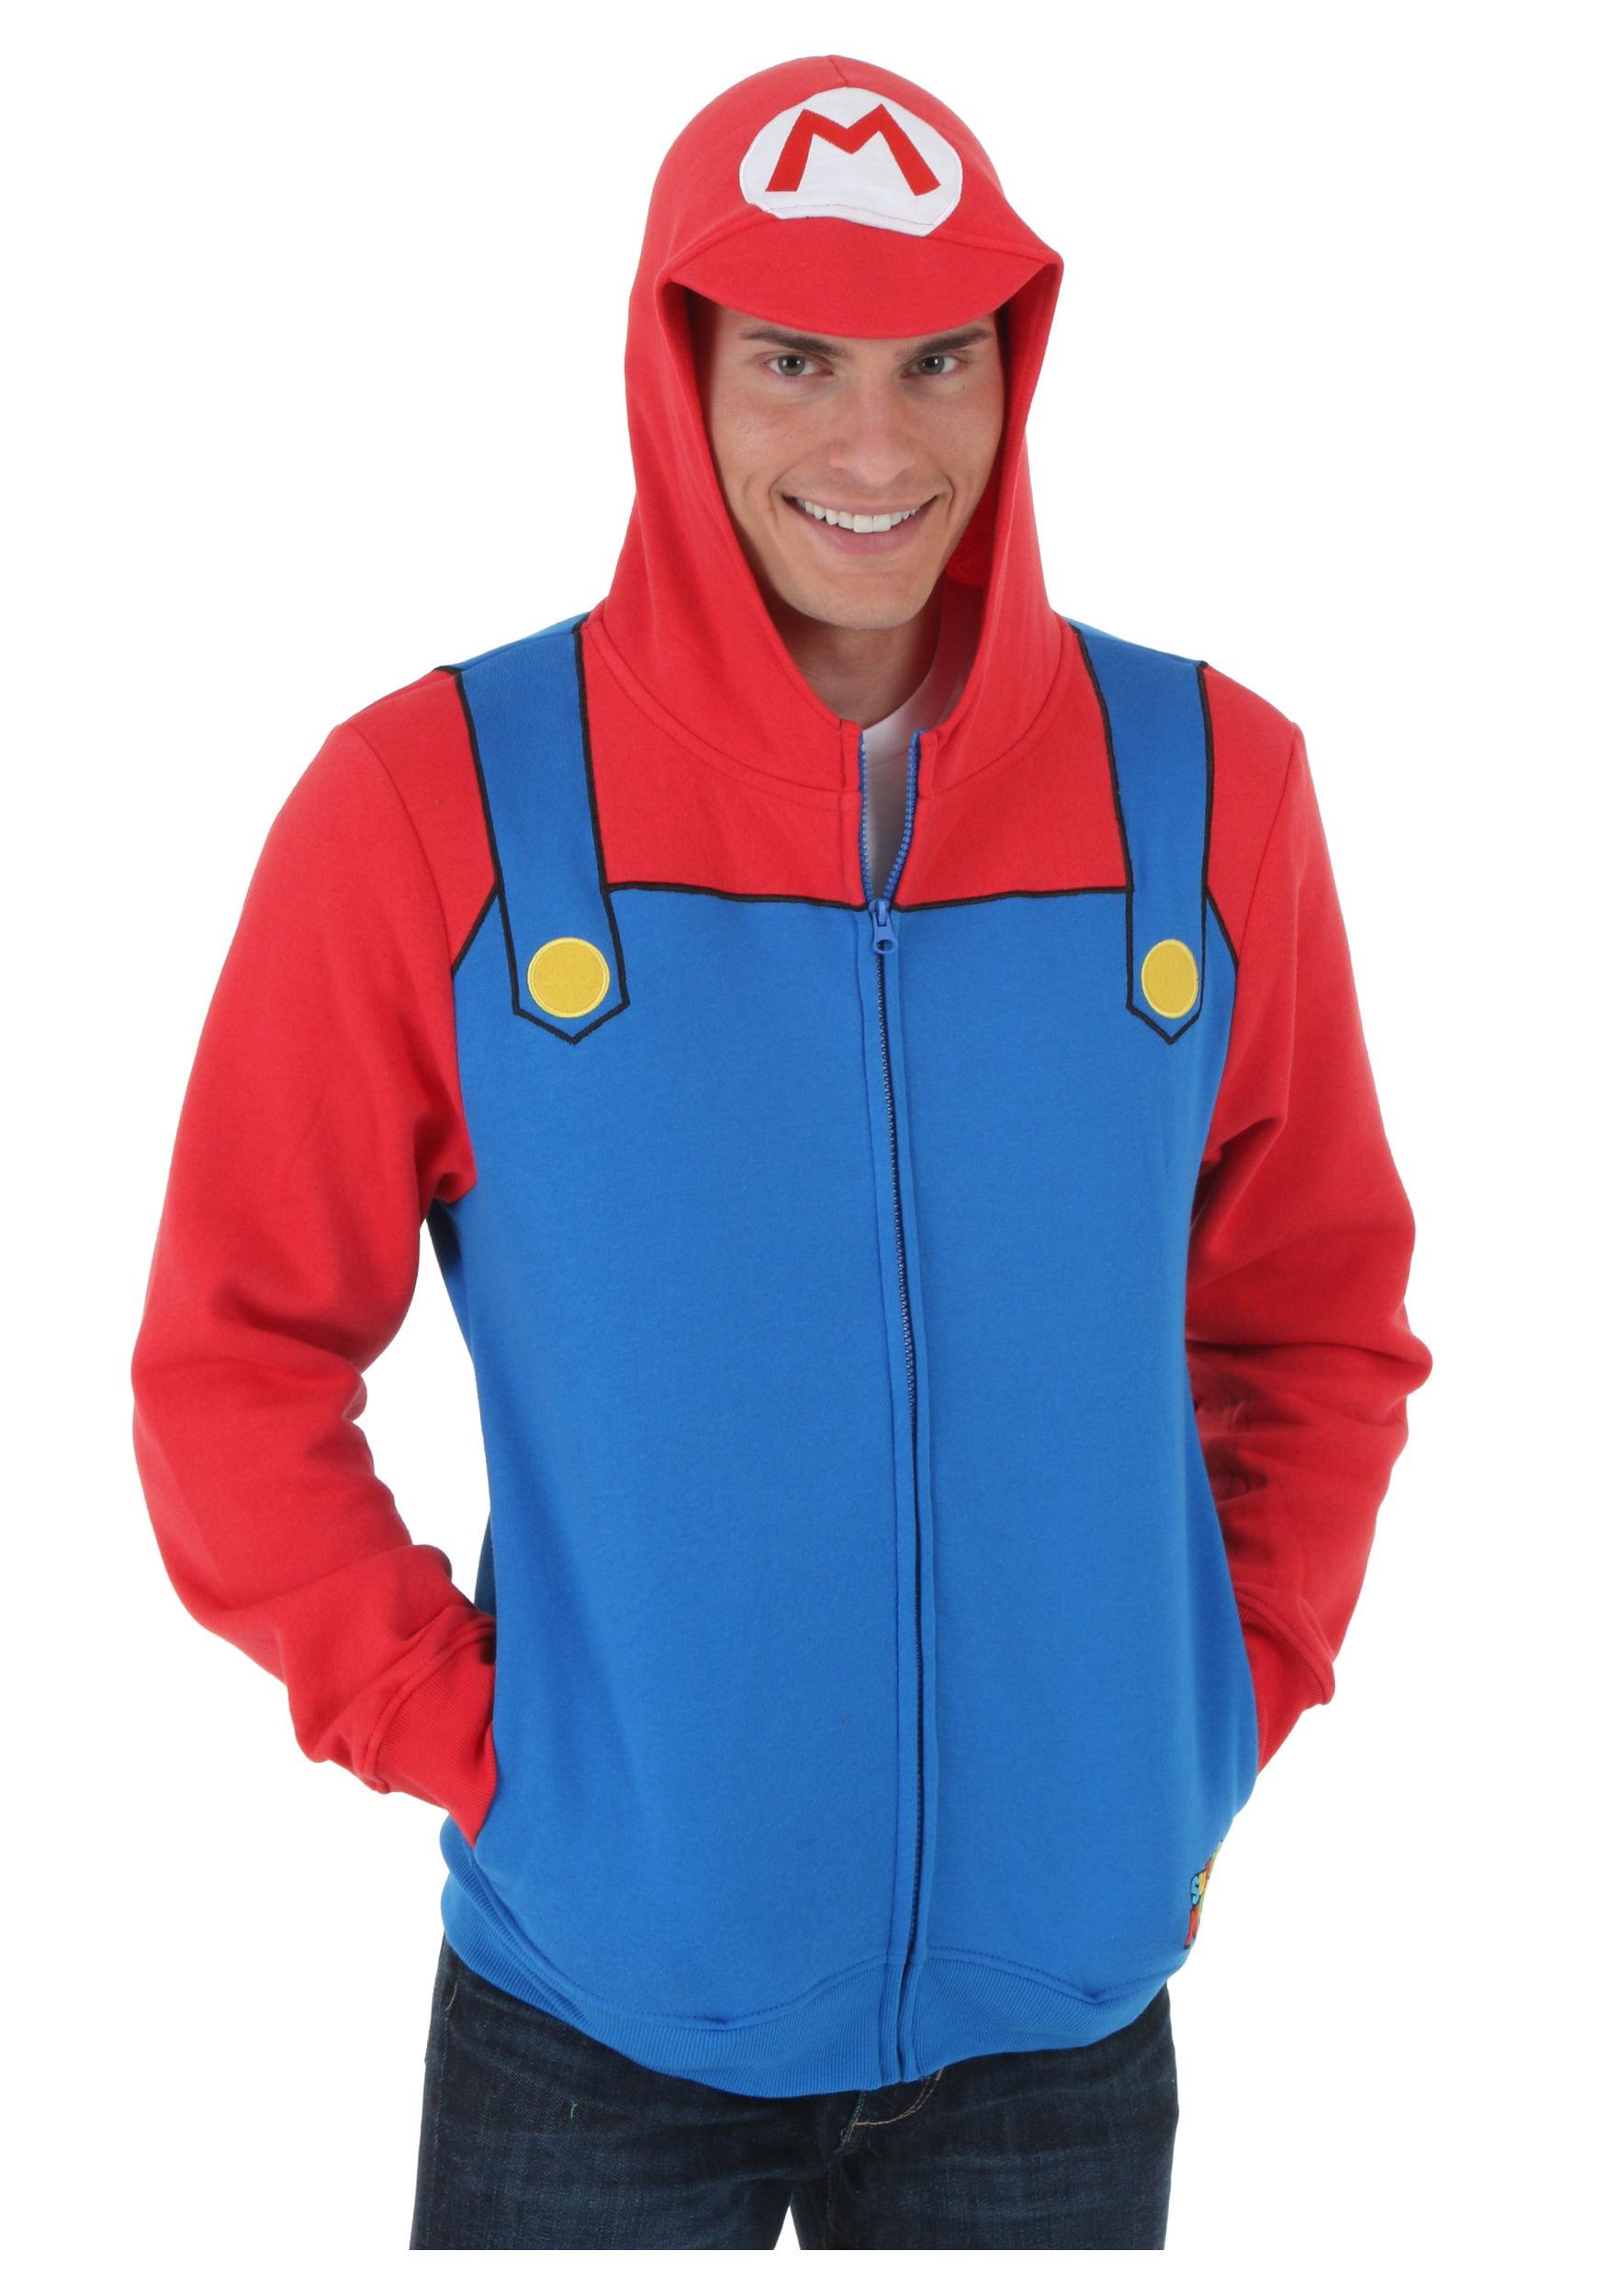 sc 1 st  Walmart & Mens Super Mario Hoodie - Walmart.com